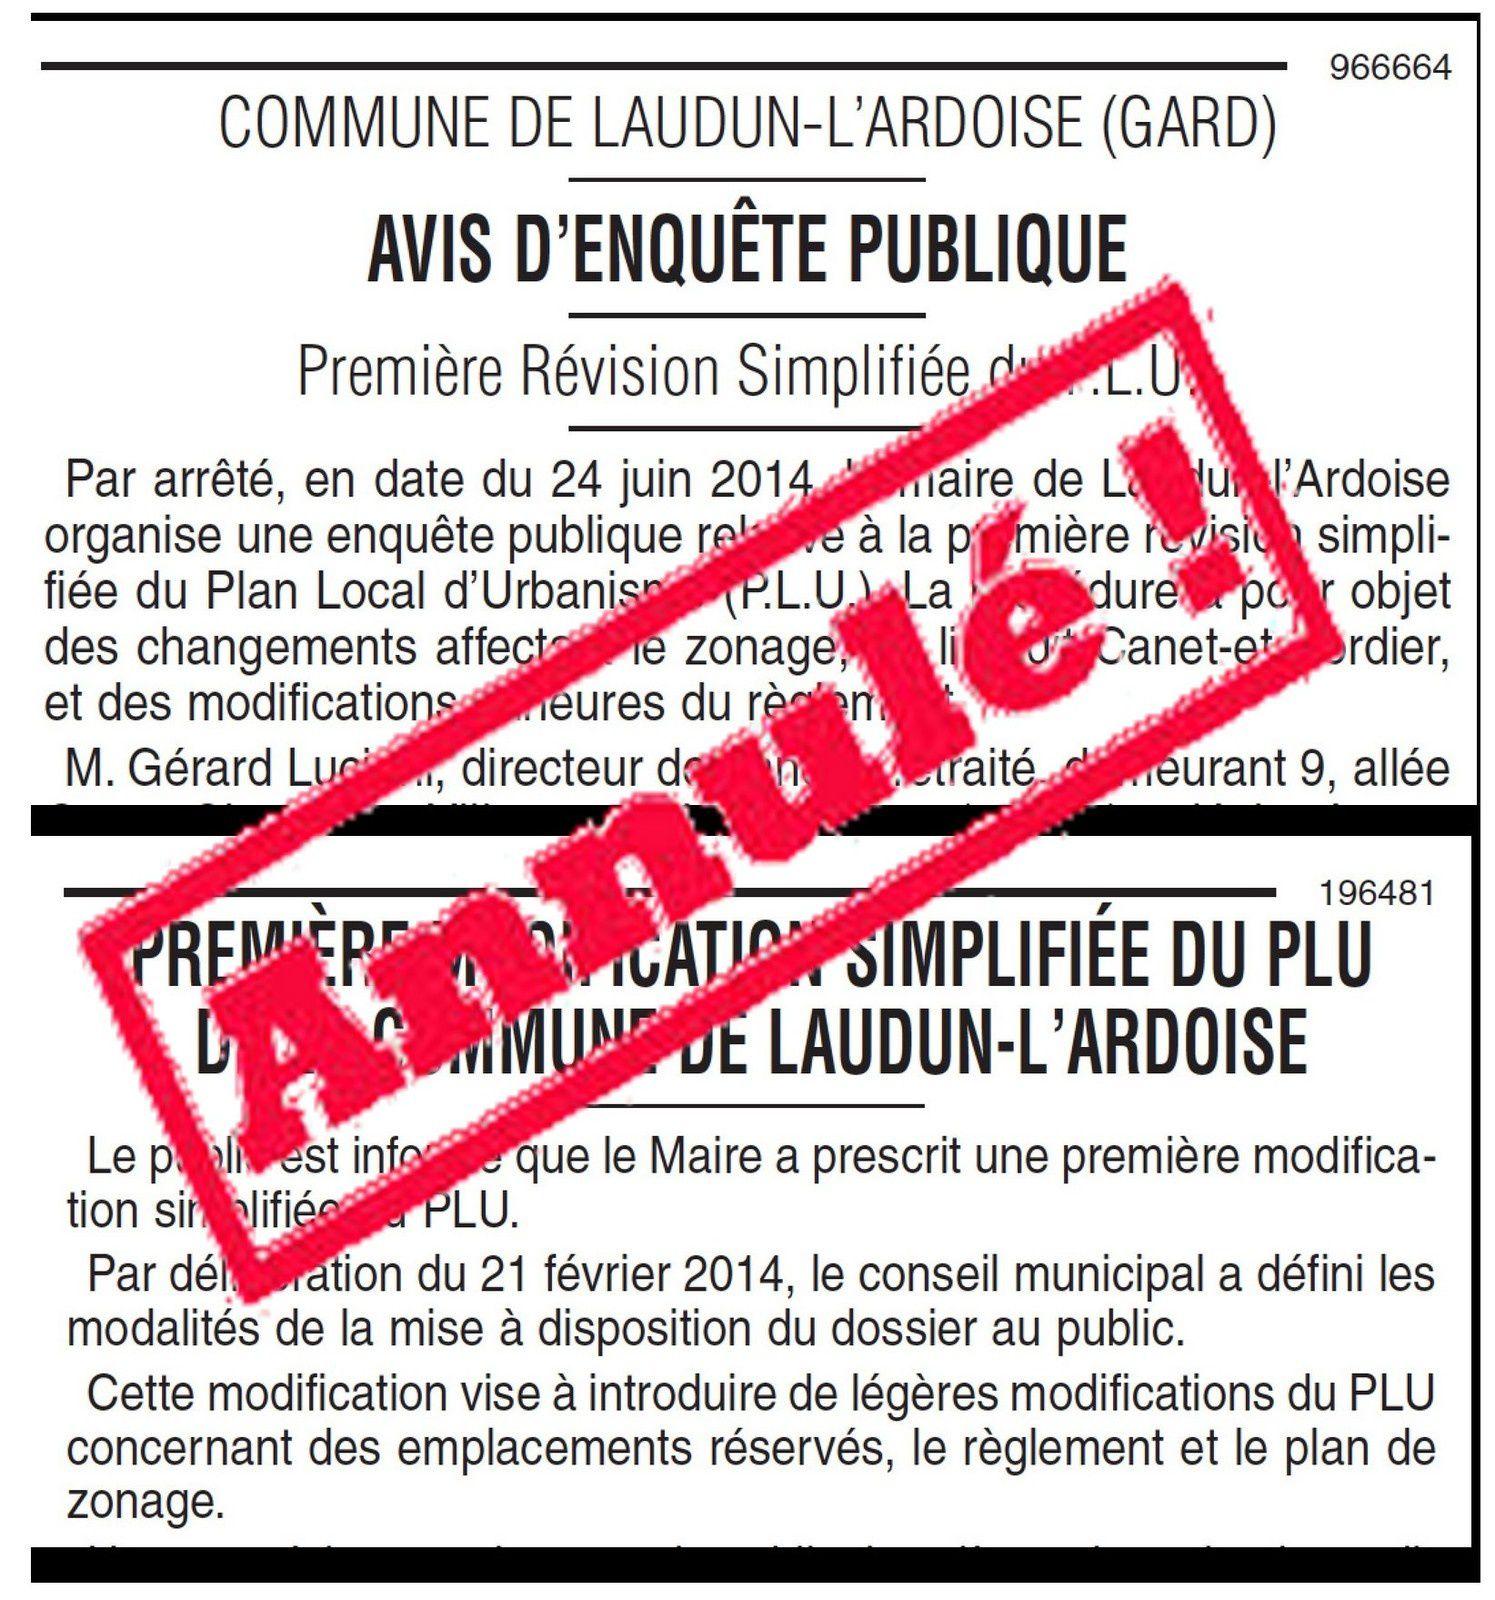 Le Maire de Laudun-l'Ardoise a retiré les deux procédures illégales